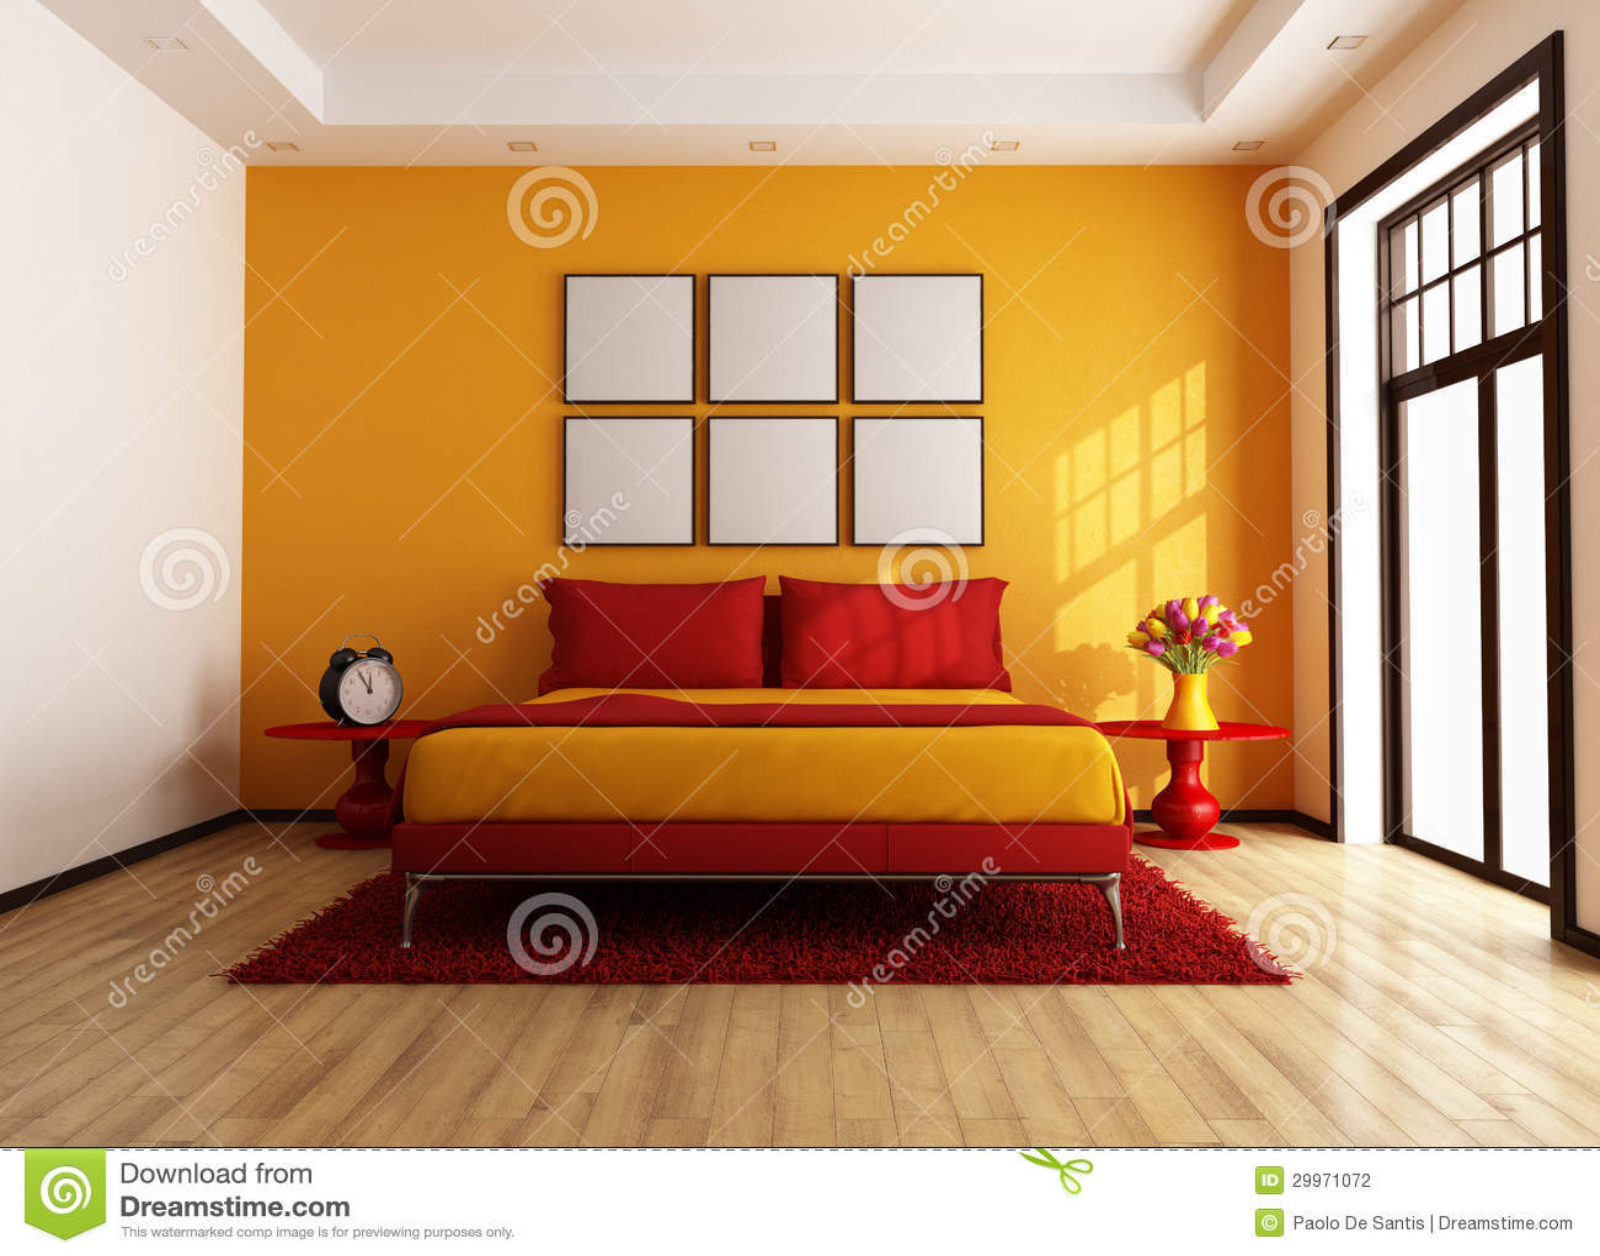 Come Imbiancare Una Camera Da Letto. Latest Gallery Of Idee Per ...